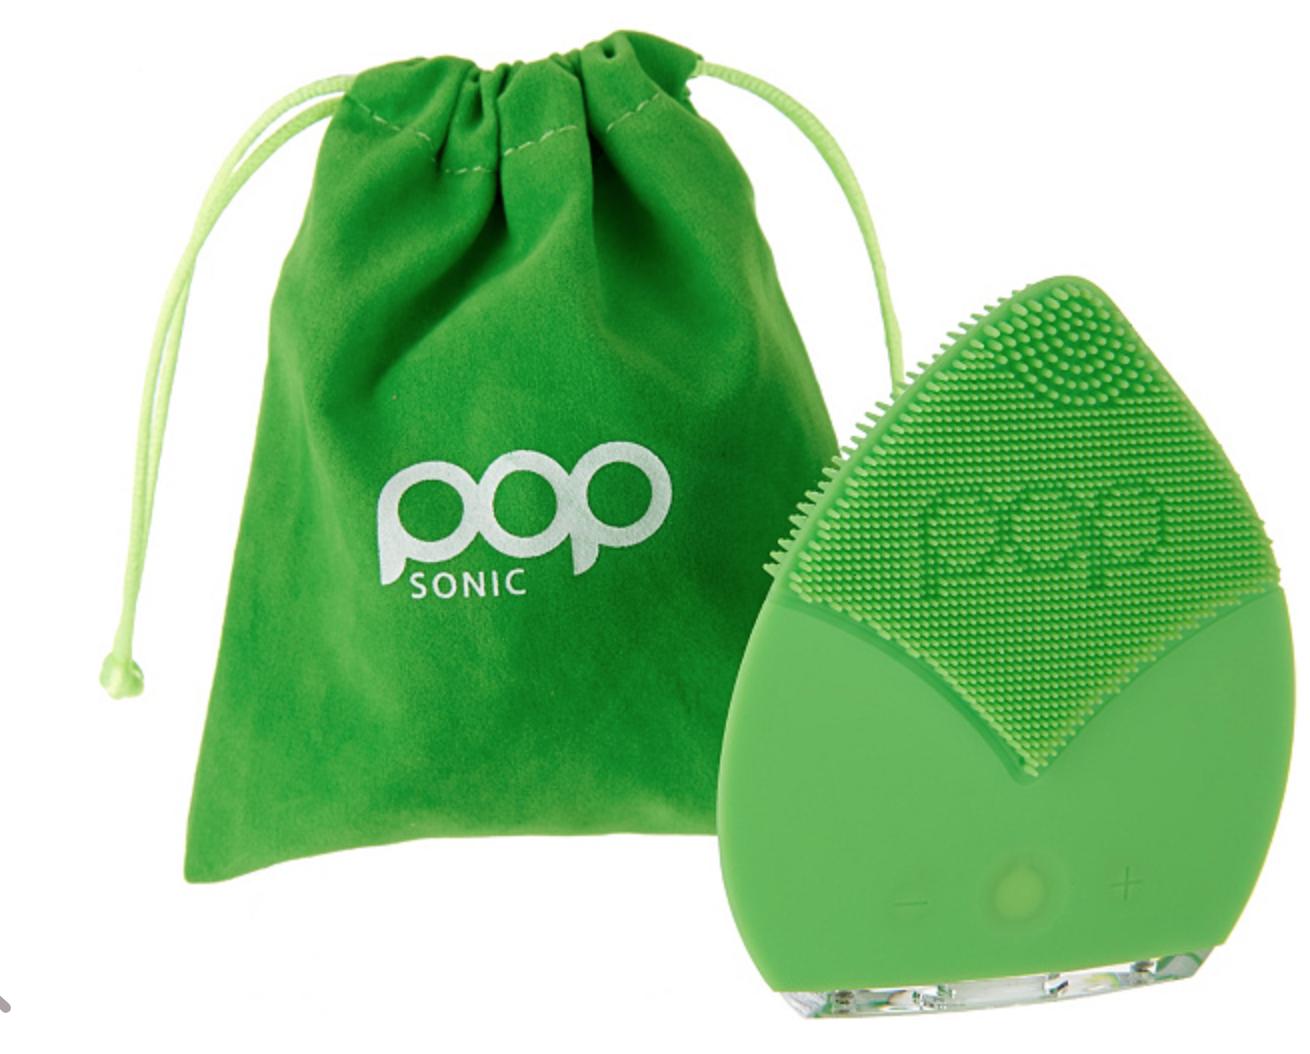 Pop Sonic Leaf Reviews >> New Pop Leaf Sonic Facial Device Blogs Forums